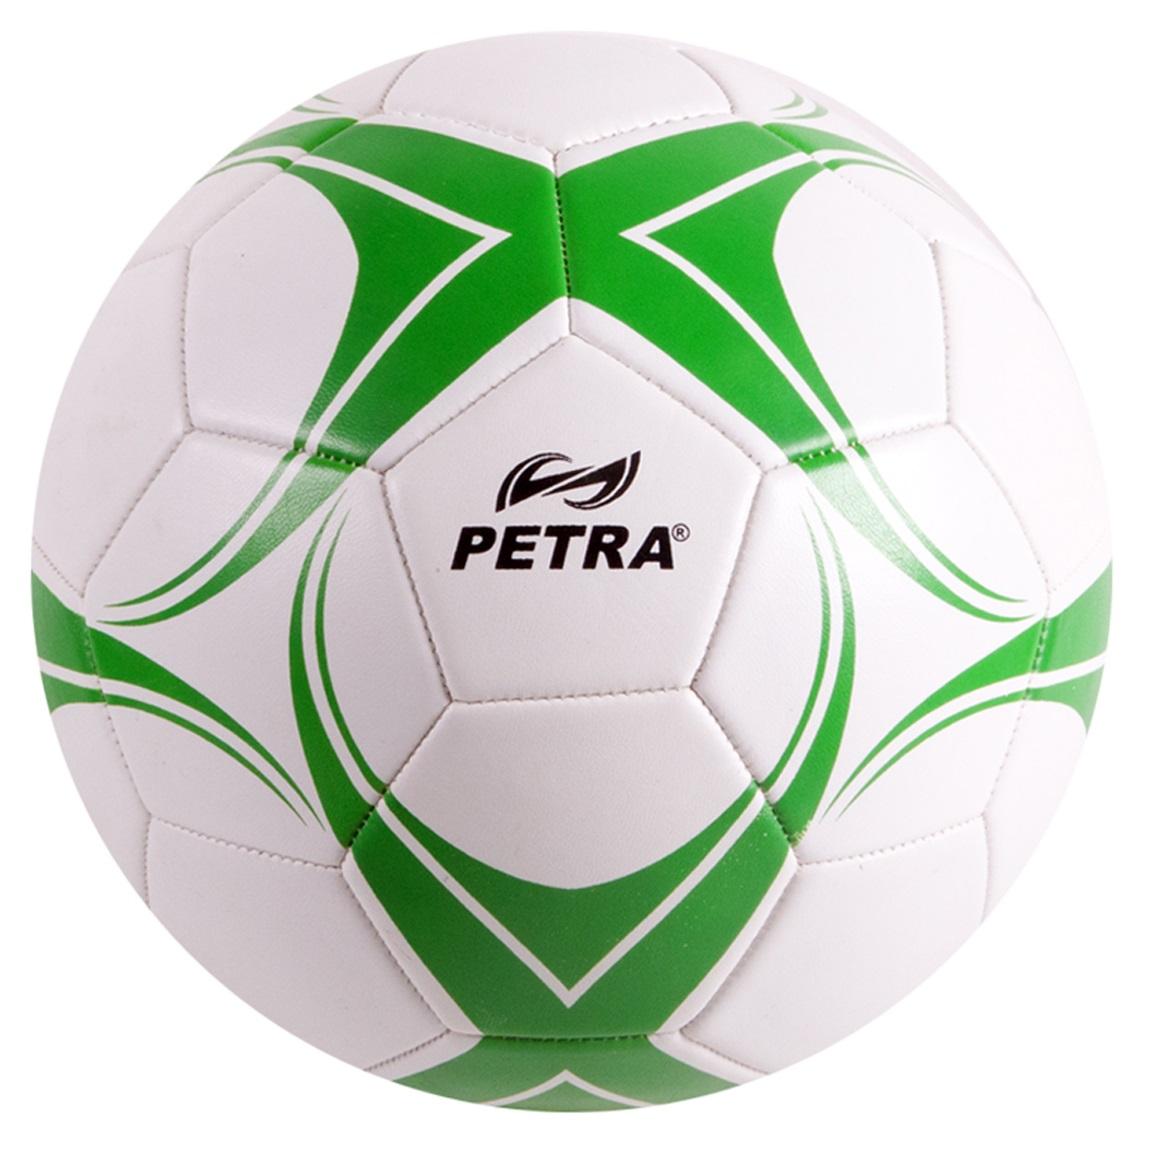 PETRA FB-1603 GREEN